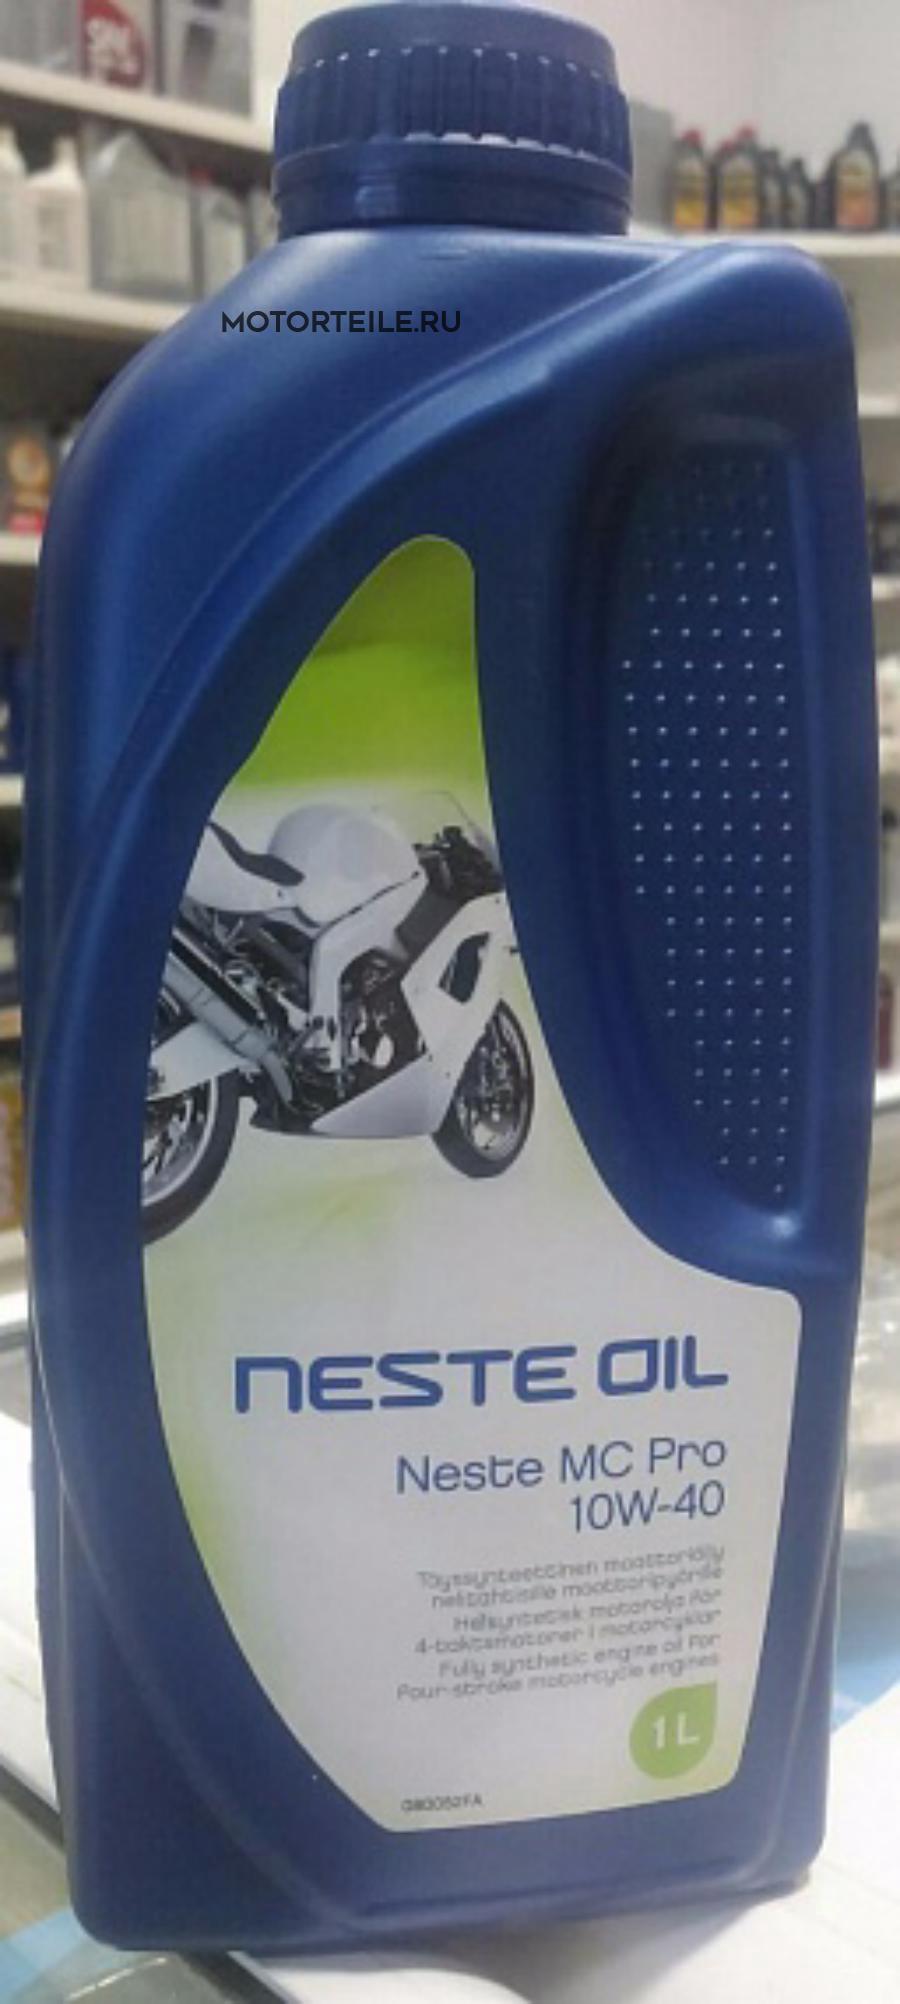 Масло Neste для 4-х тактных мотоциклов MC PRO 10W-40 1 литр полностью синтетическое